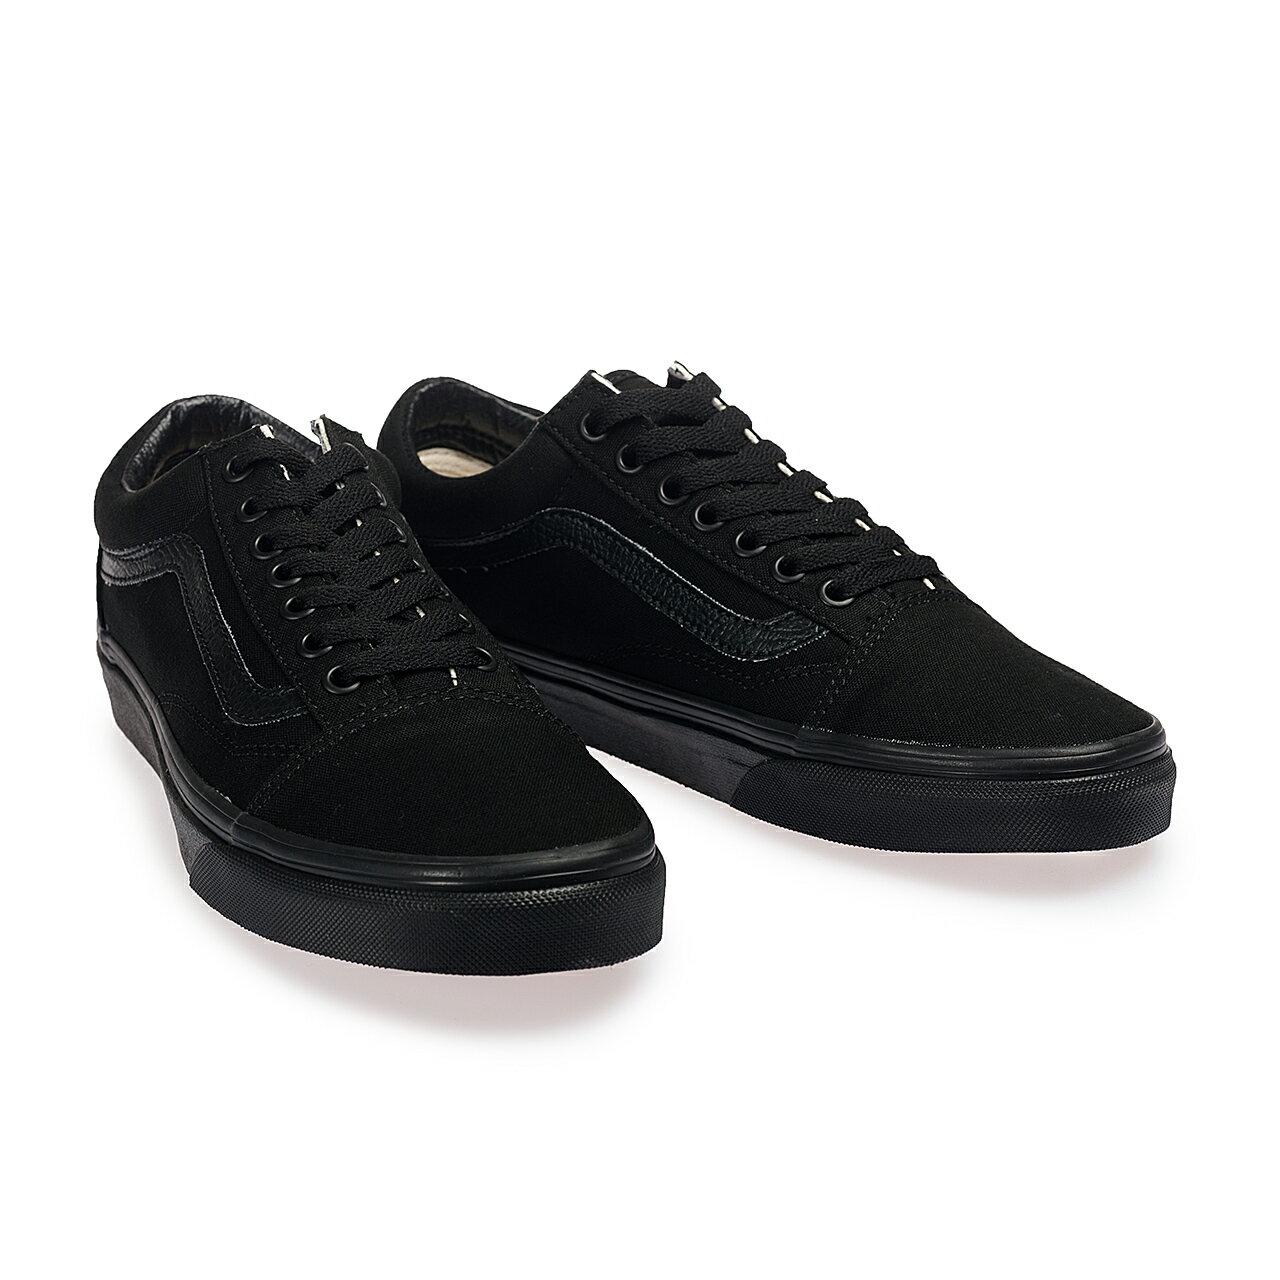 【VANS】Old Skool 基本款 全黑 經典款 平底鞋 帆布鞋 男女 專櫃價1980 C010511 (palace store)